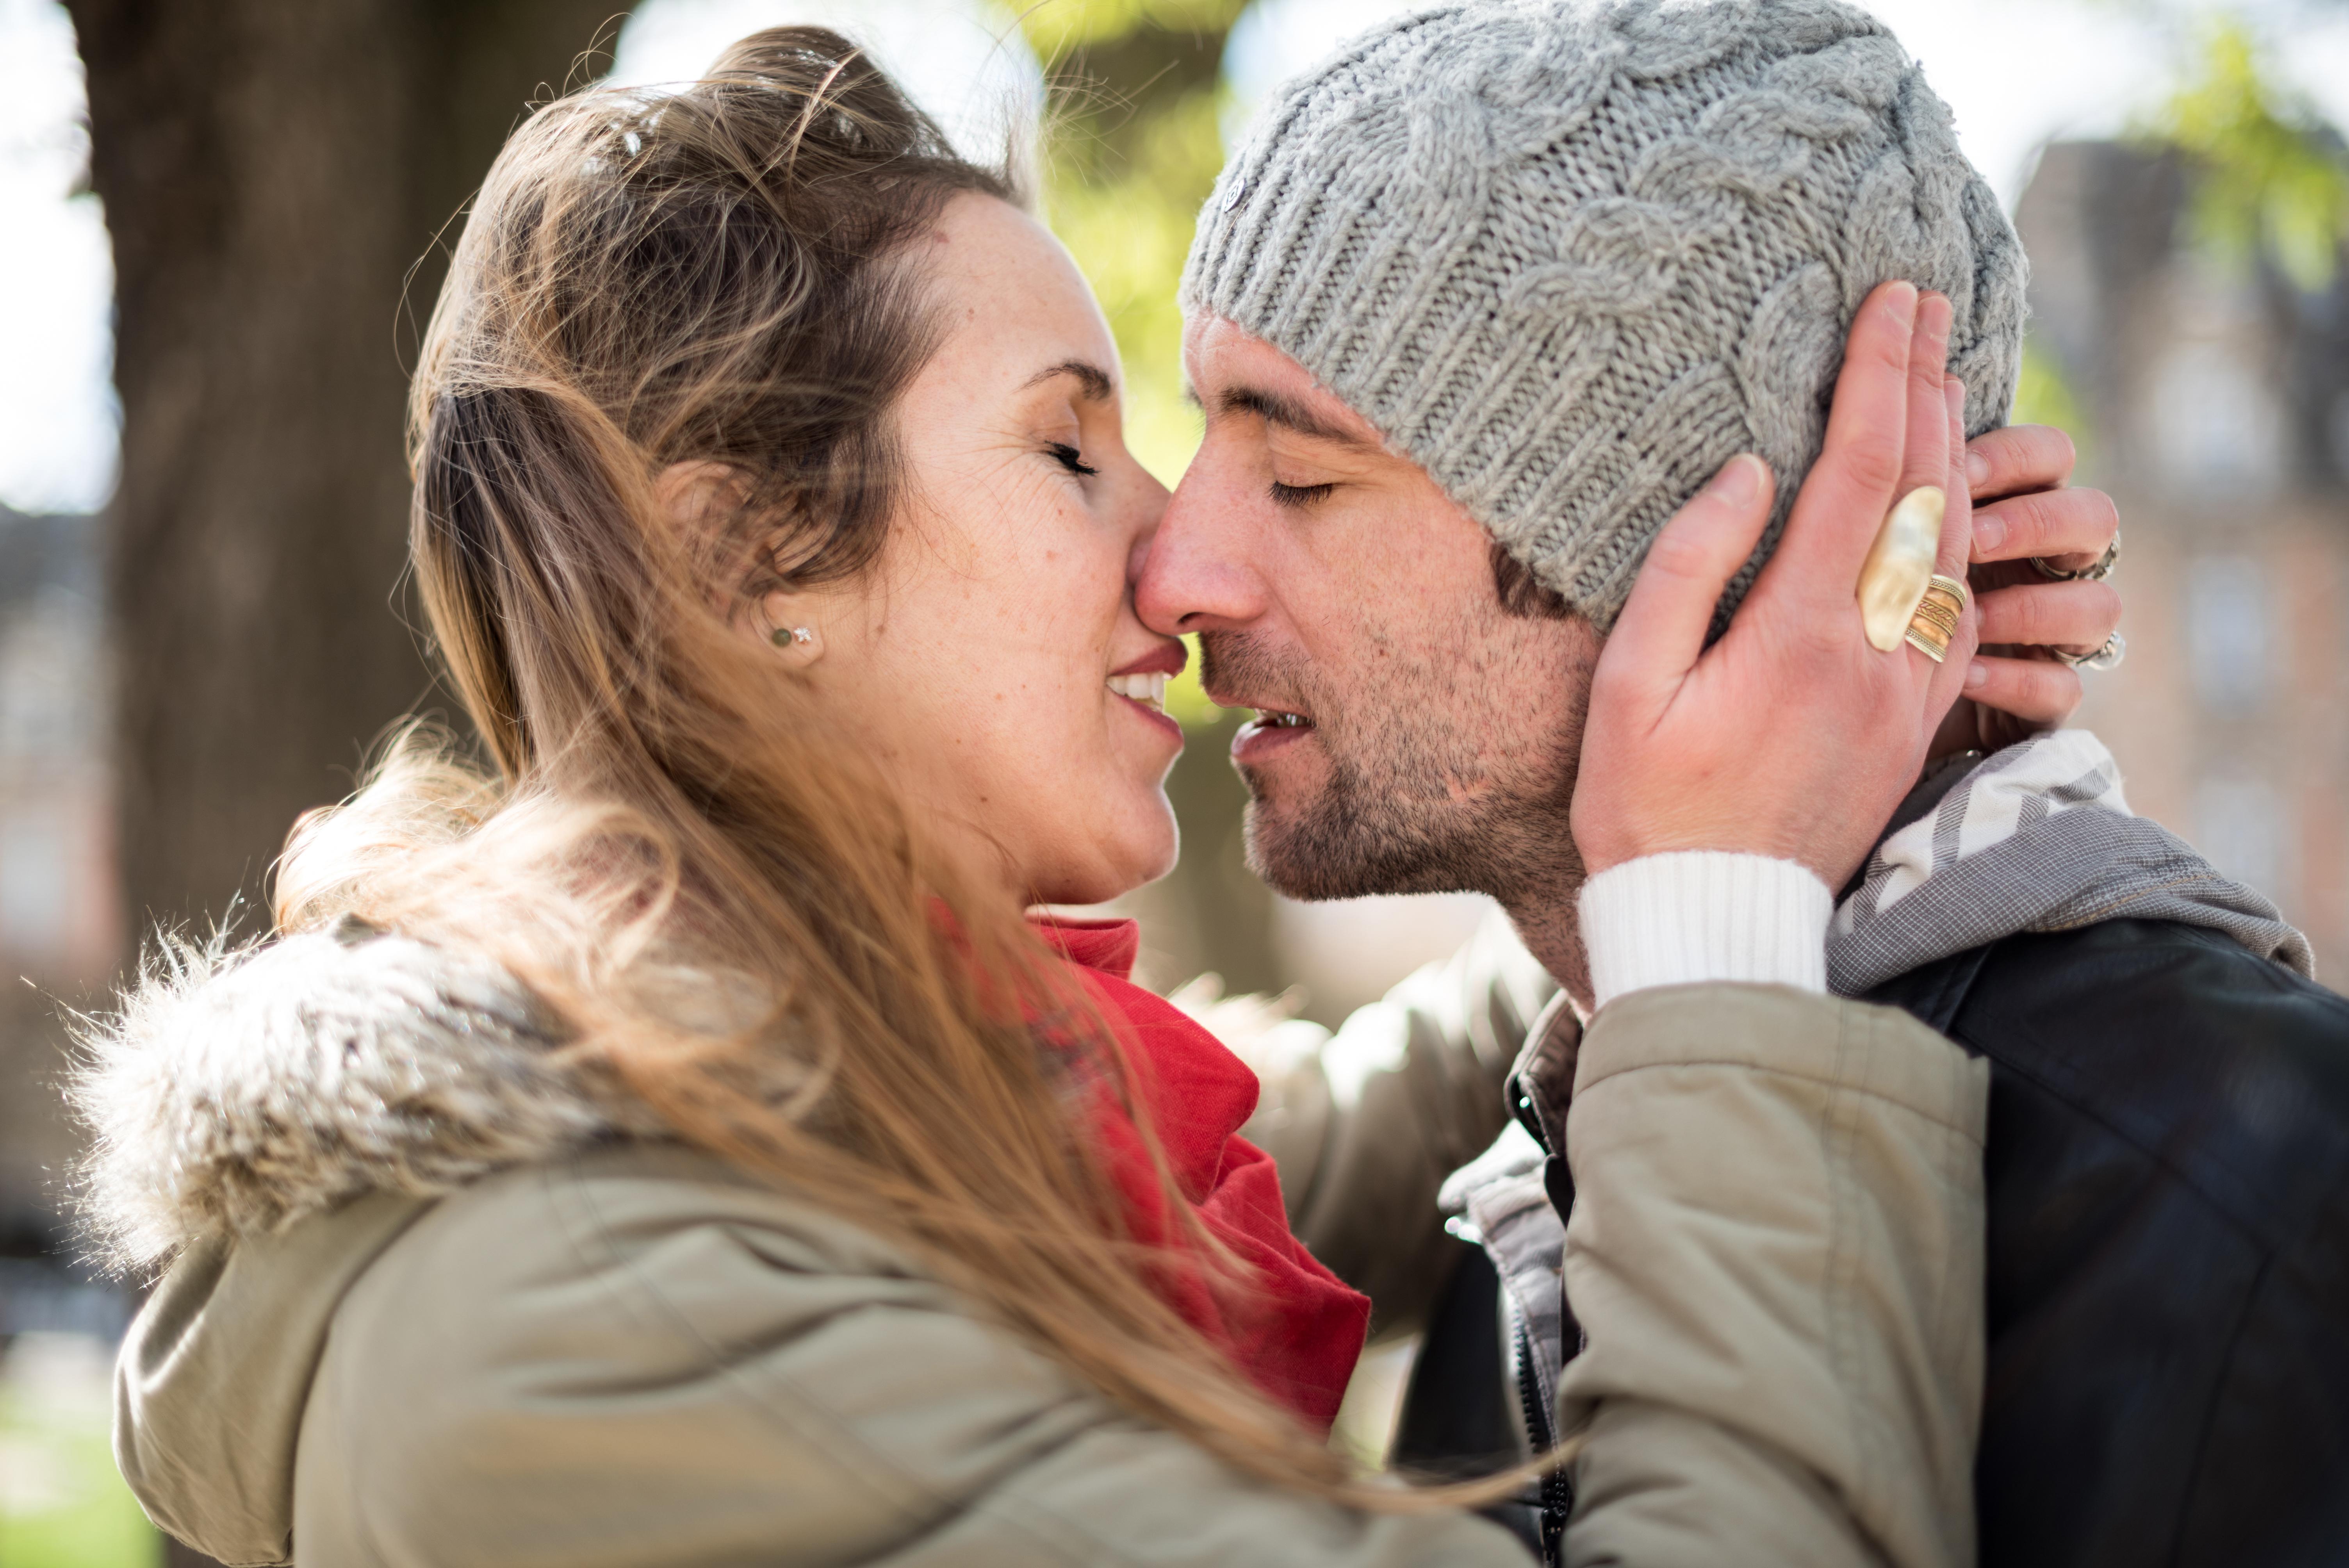 séance-photo-couple-paris-roxane-hennequin-photographe